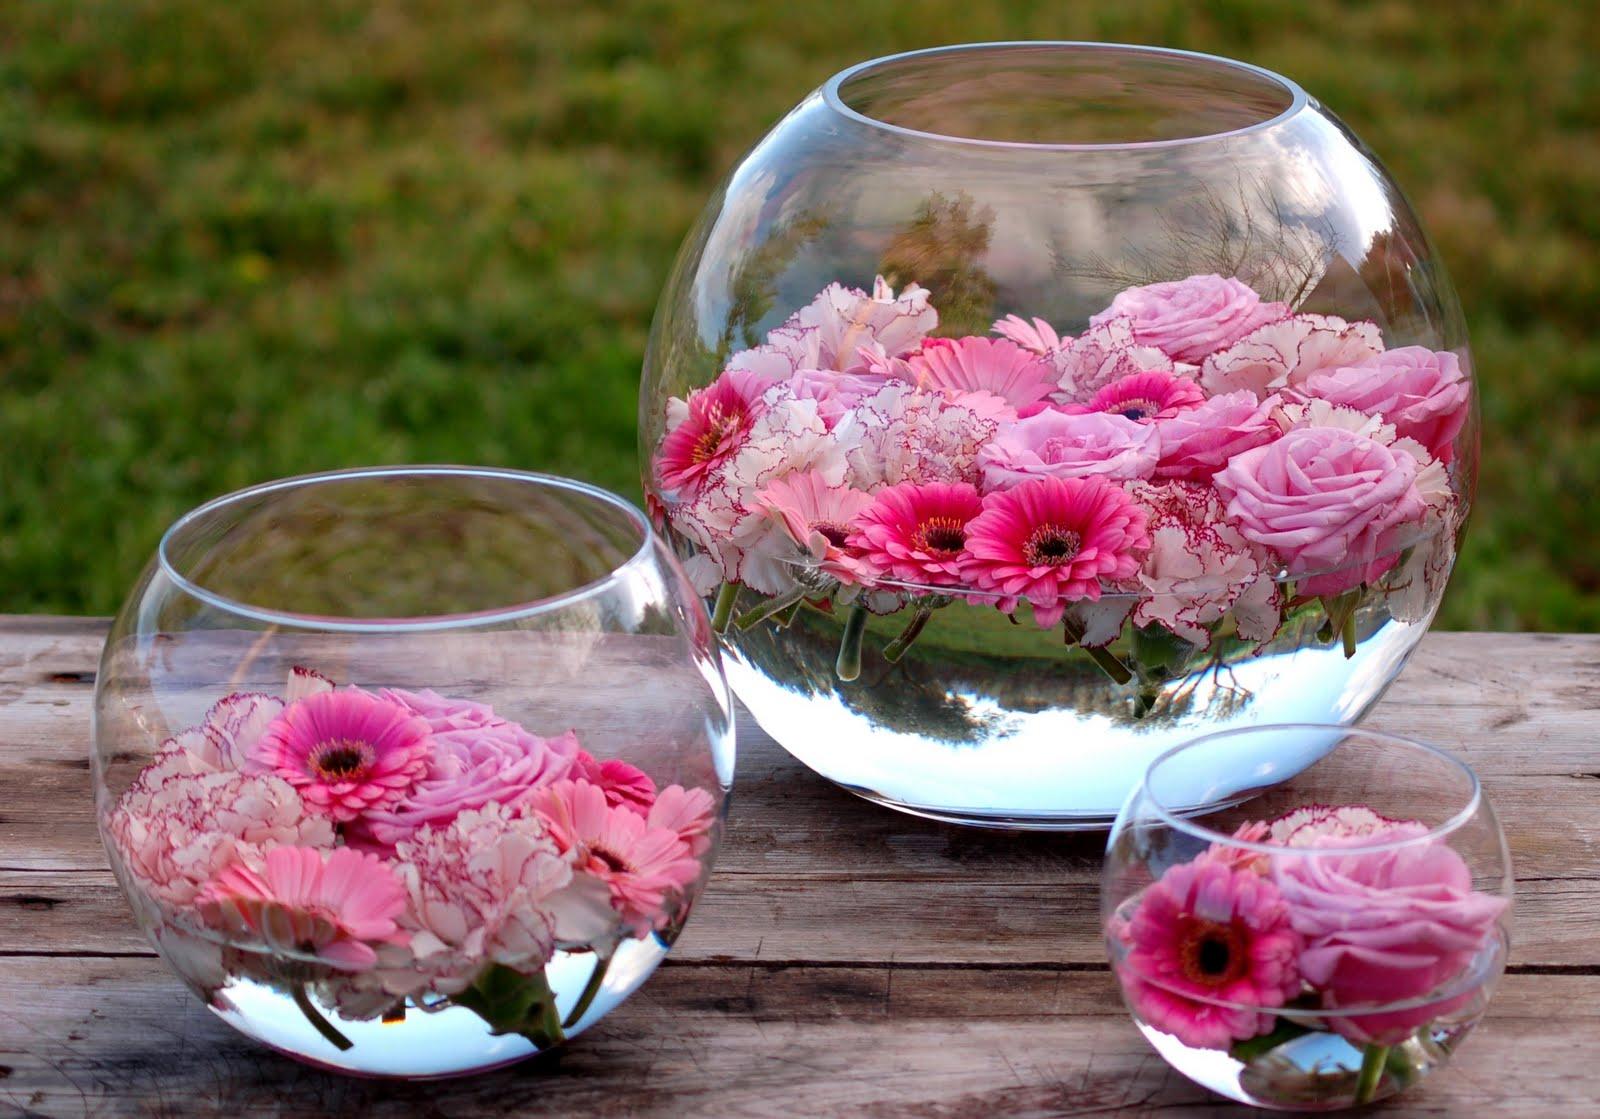 Aurea flores peceras rosas pink fish tank - Decoraciones de peceras ...